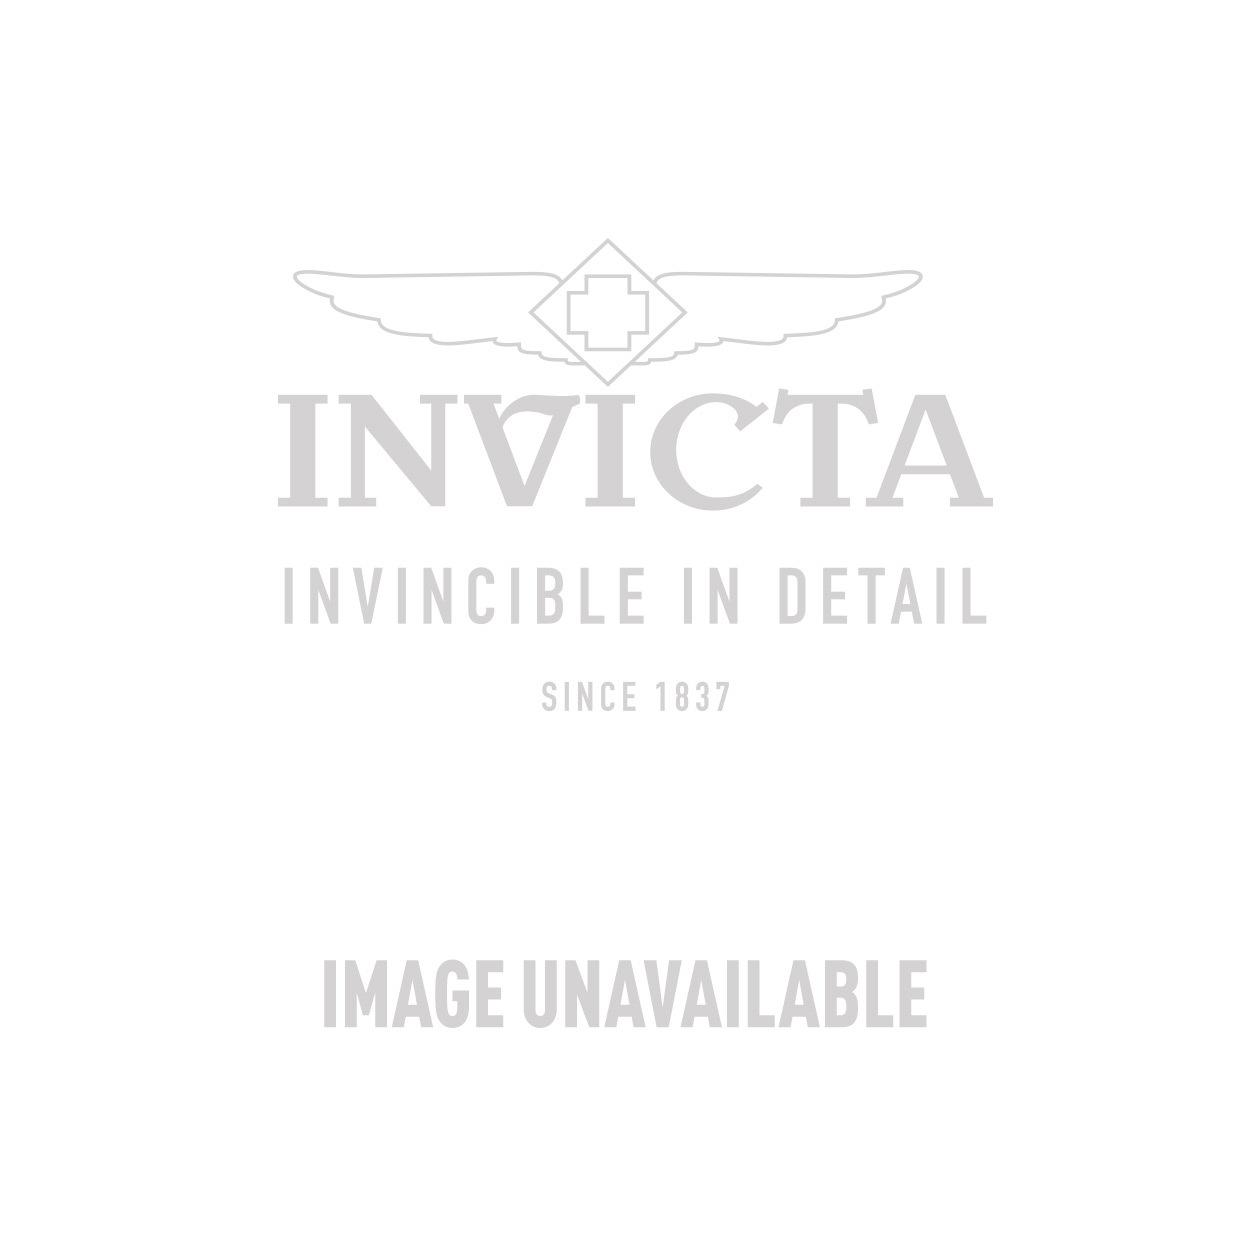 Invicta Model 29671